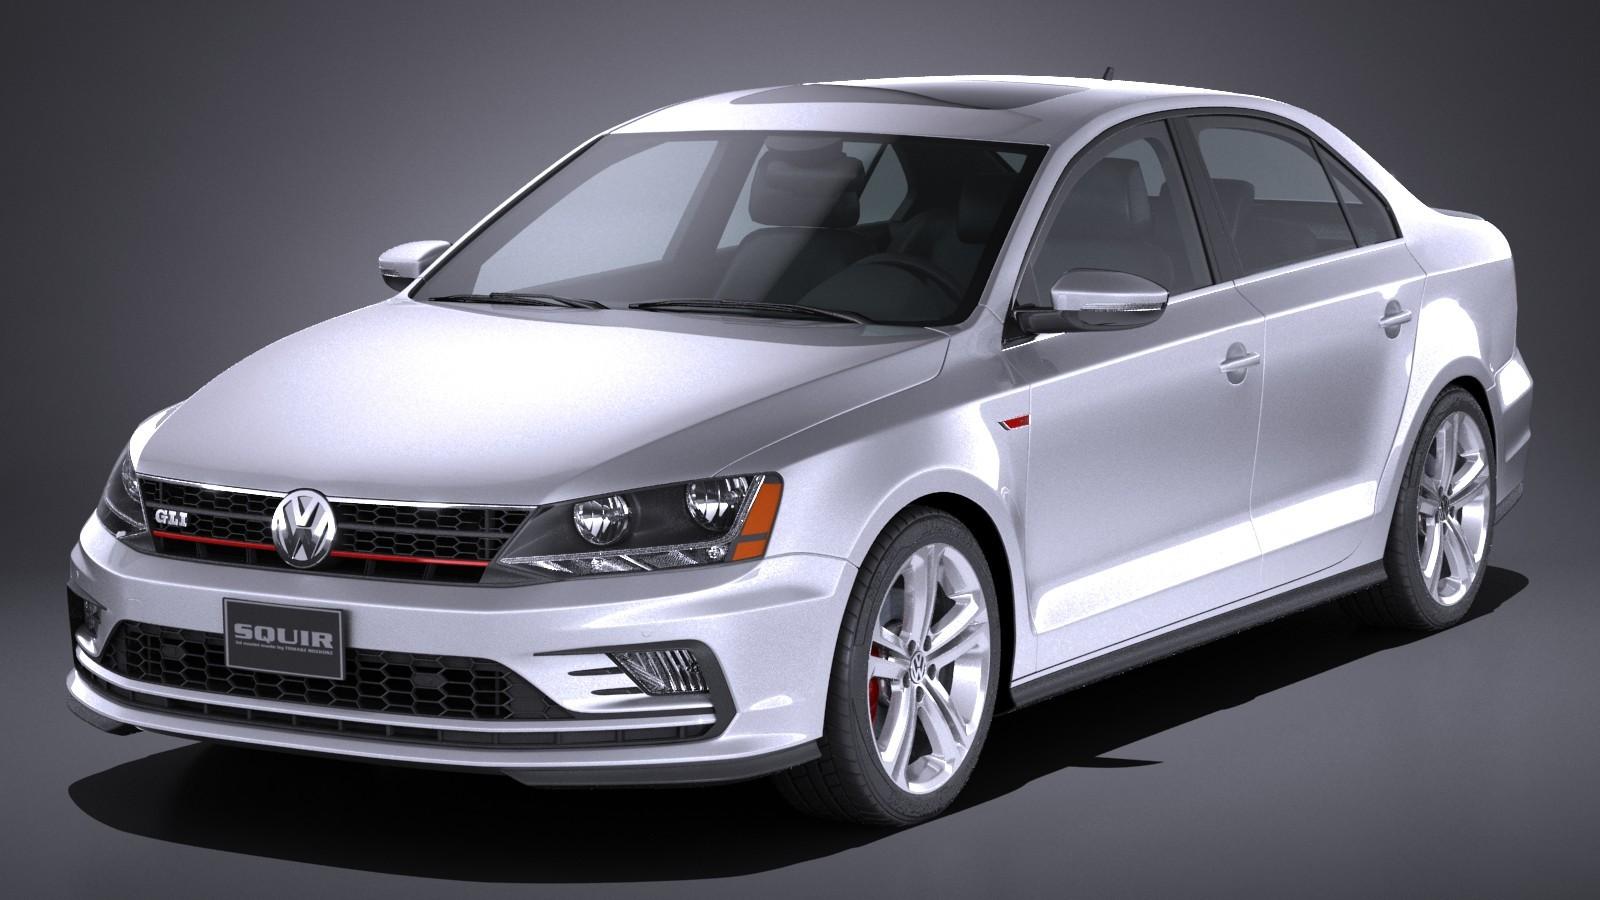 Volkswagen Jetta Gli 2017 Usa Sedan Car Vehicles 3d Models